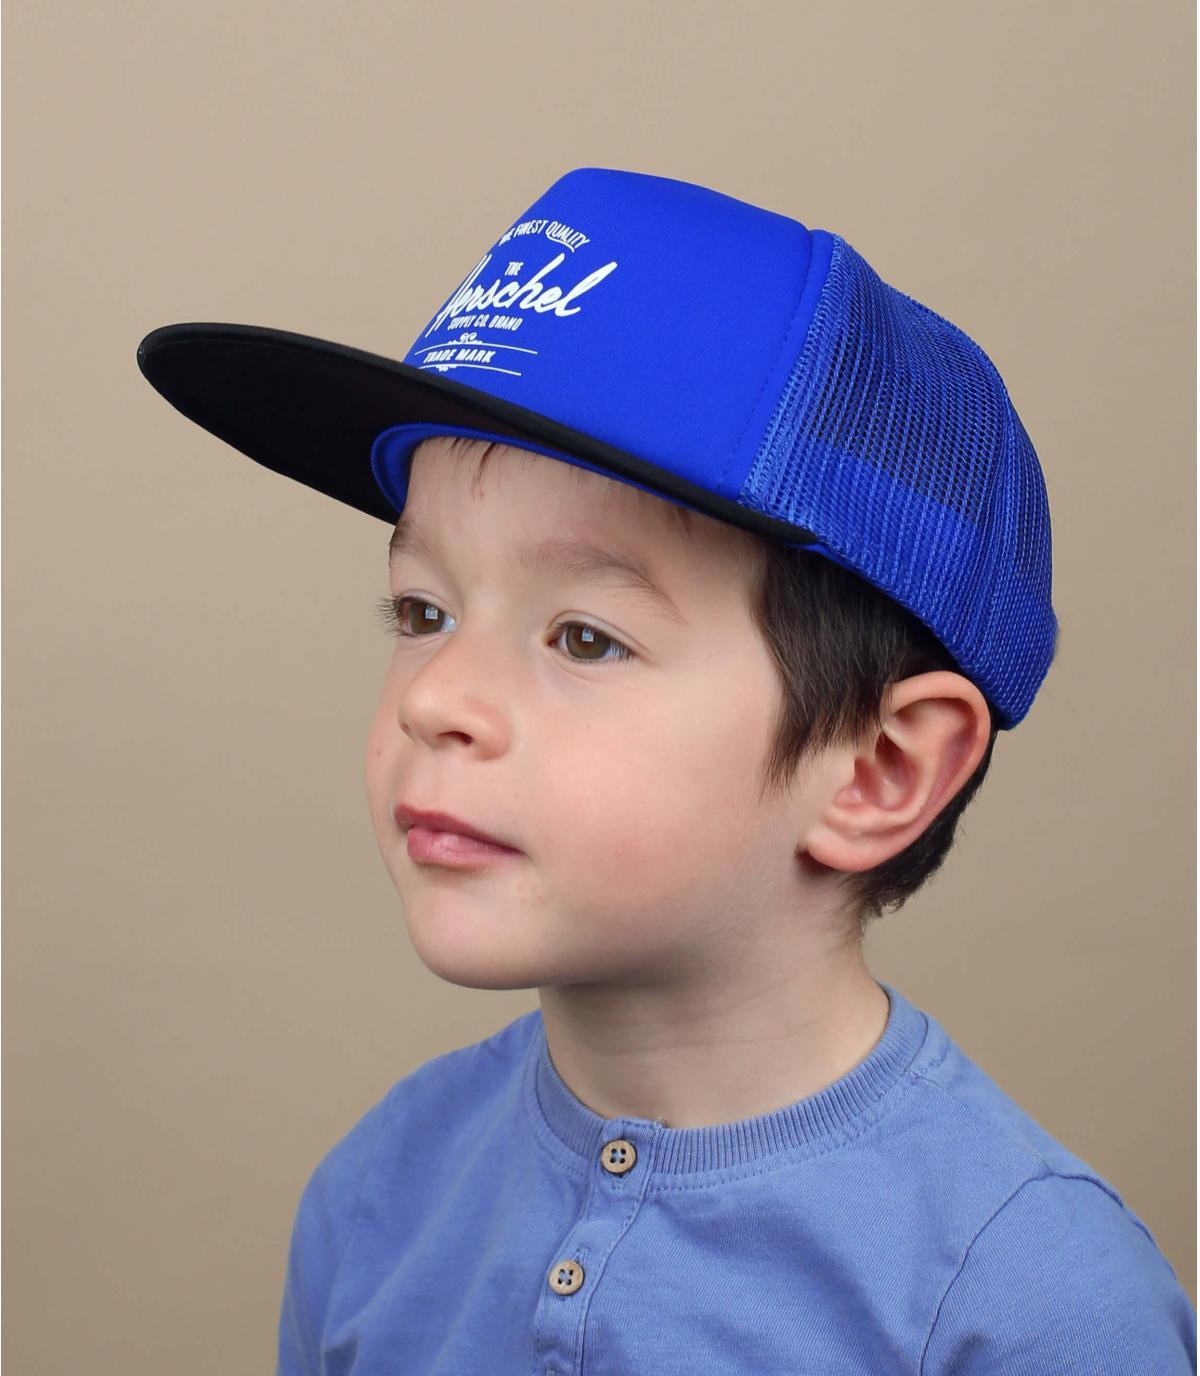 Herschel kids cap reflective